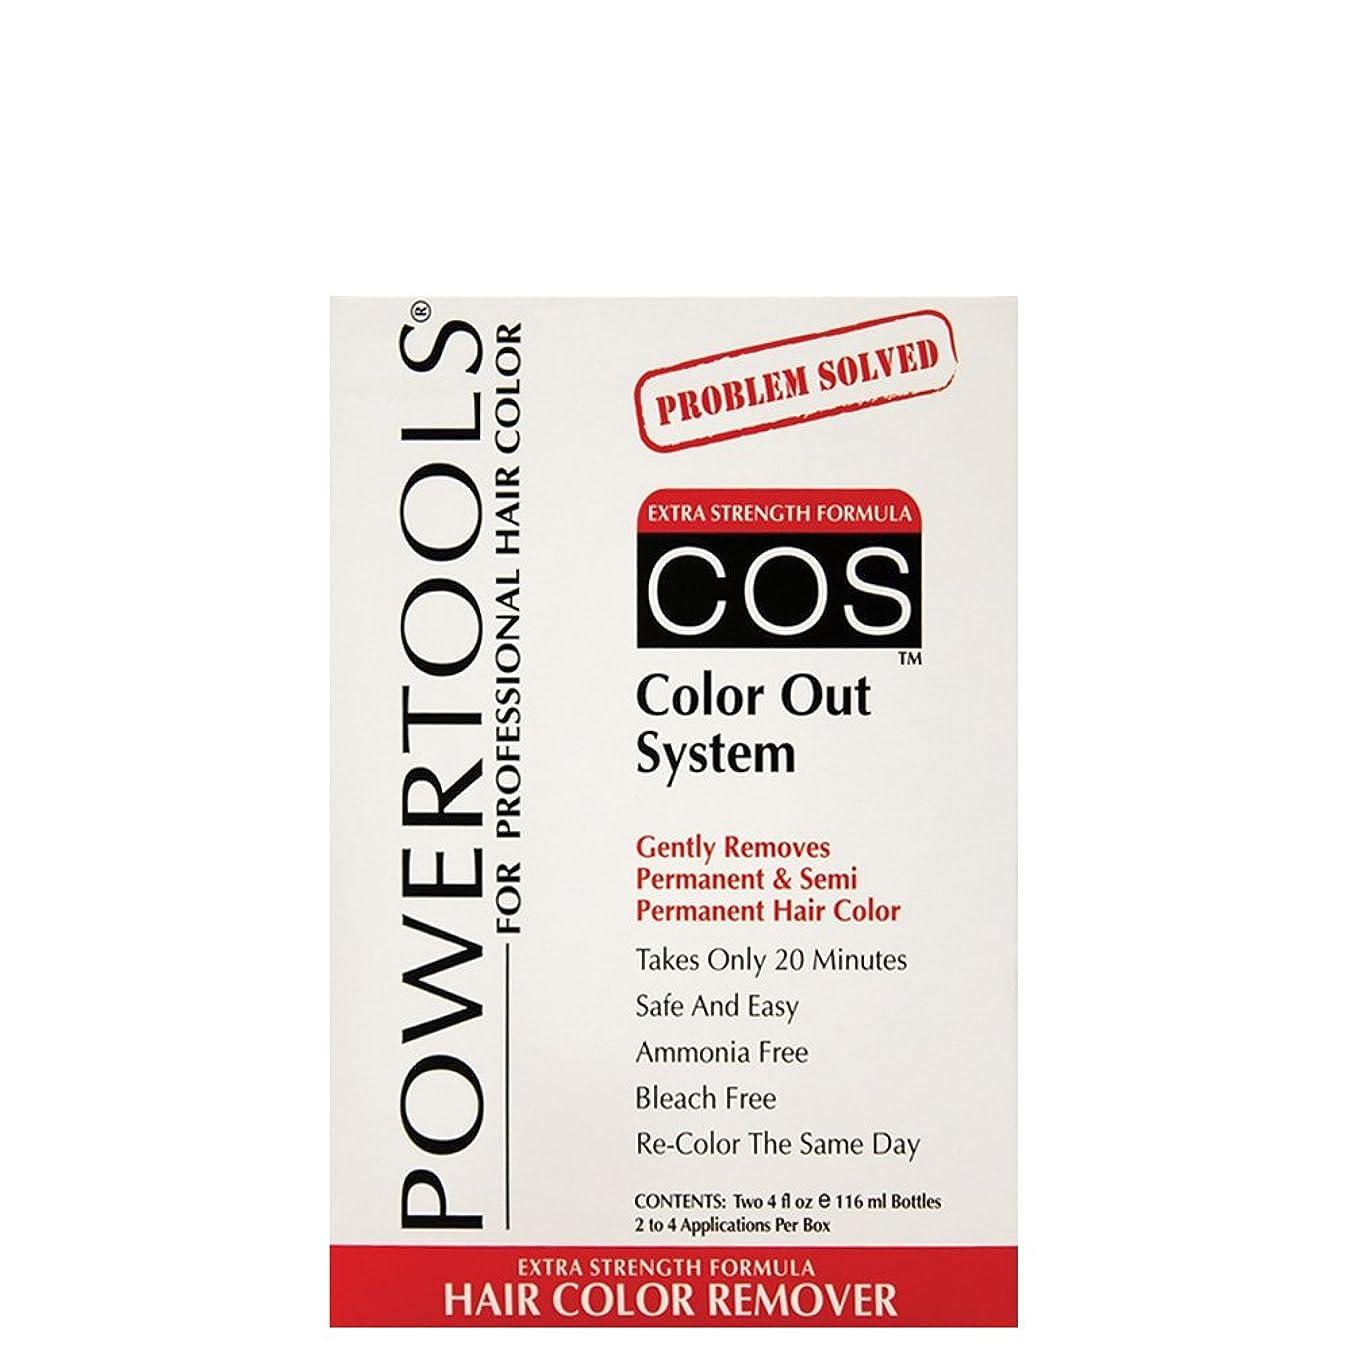 デコレーション遅滞ディスパッチPower Tools PowerToolsのCOS色アウトシステムキットパーマネントヘアカラーリムーバー4オンスのHC-32717